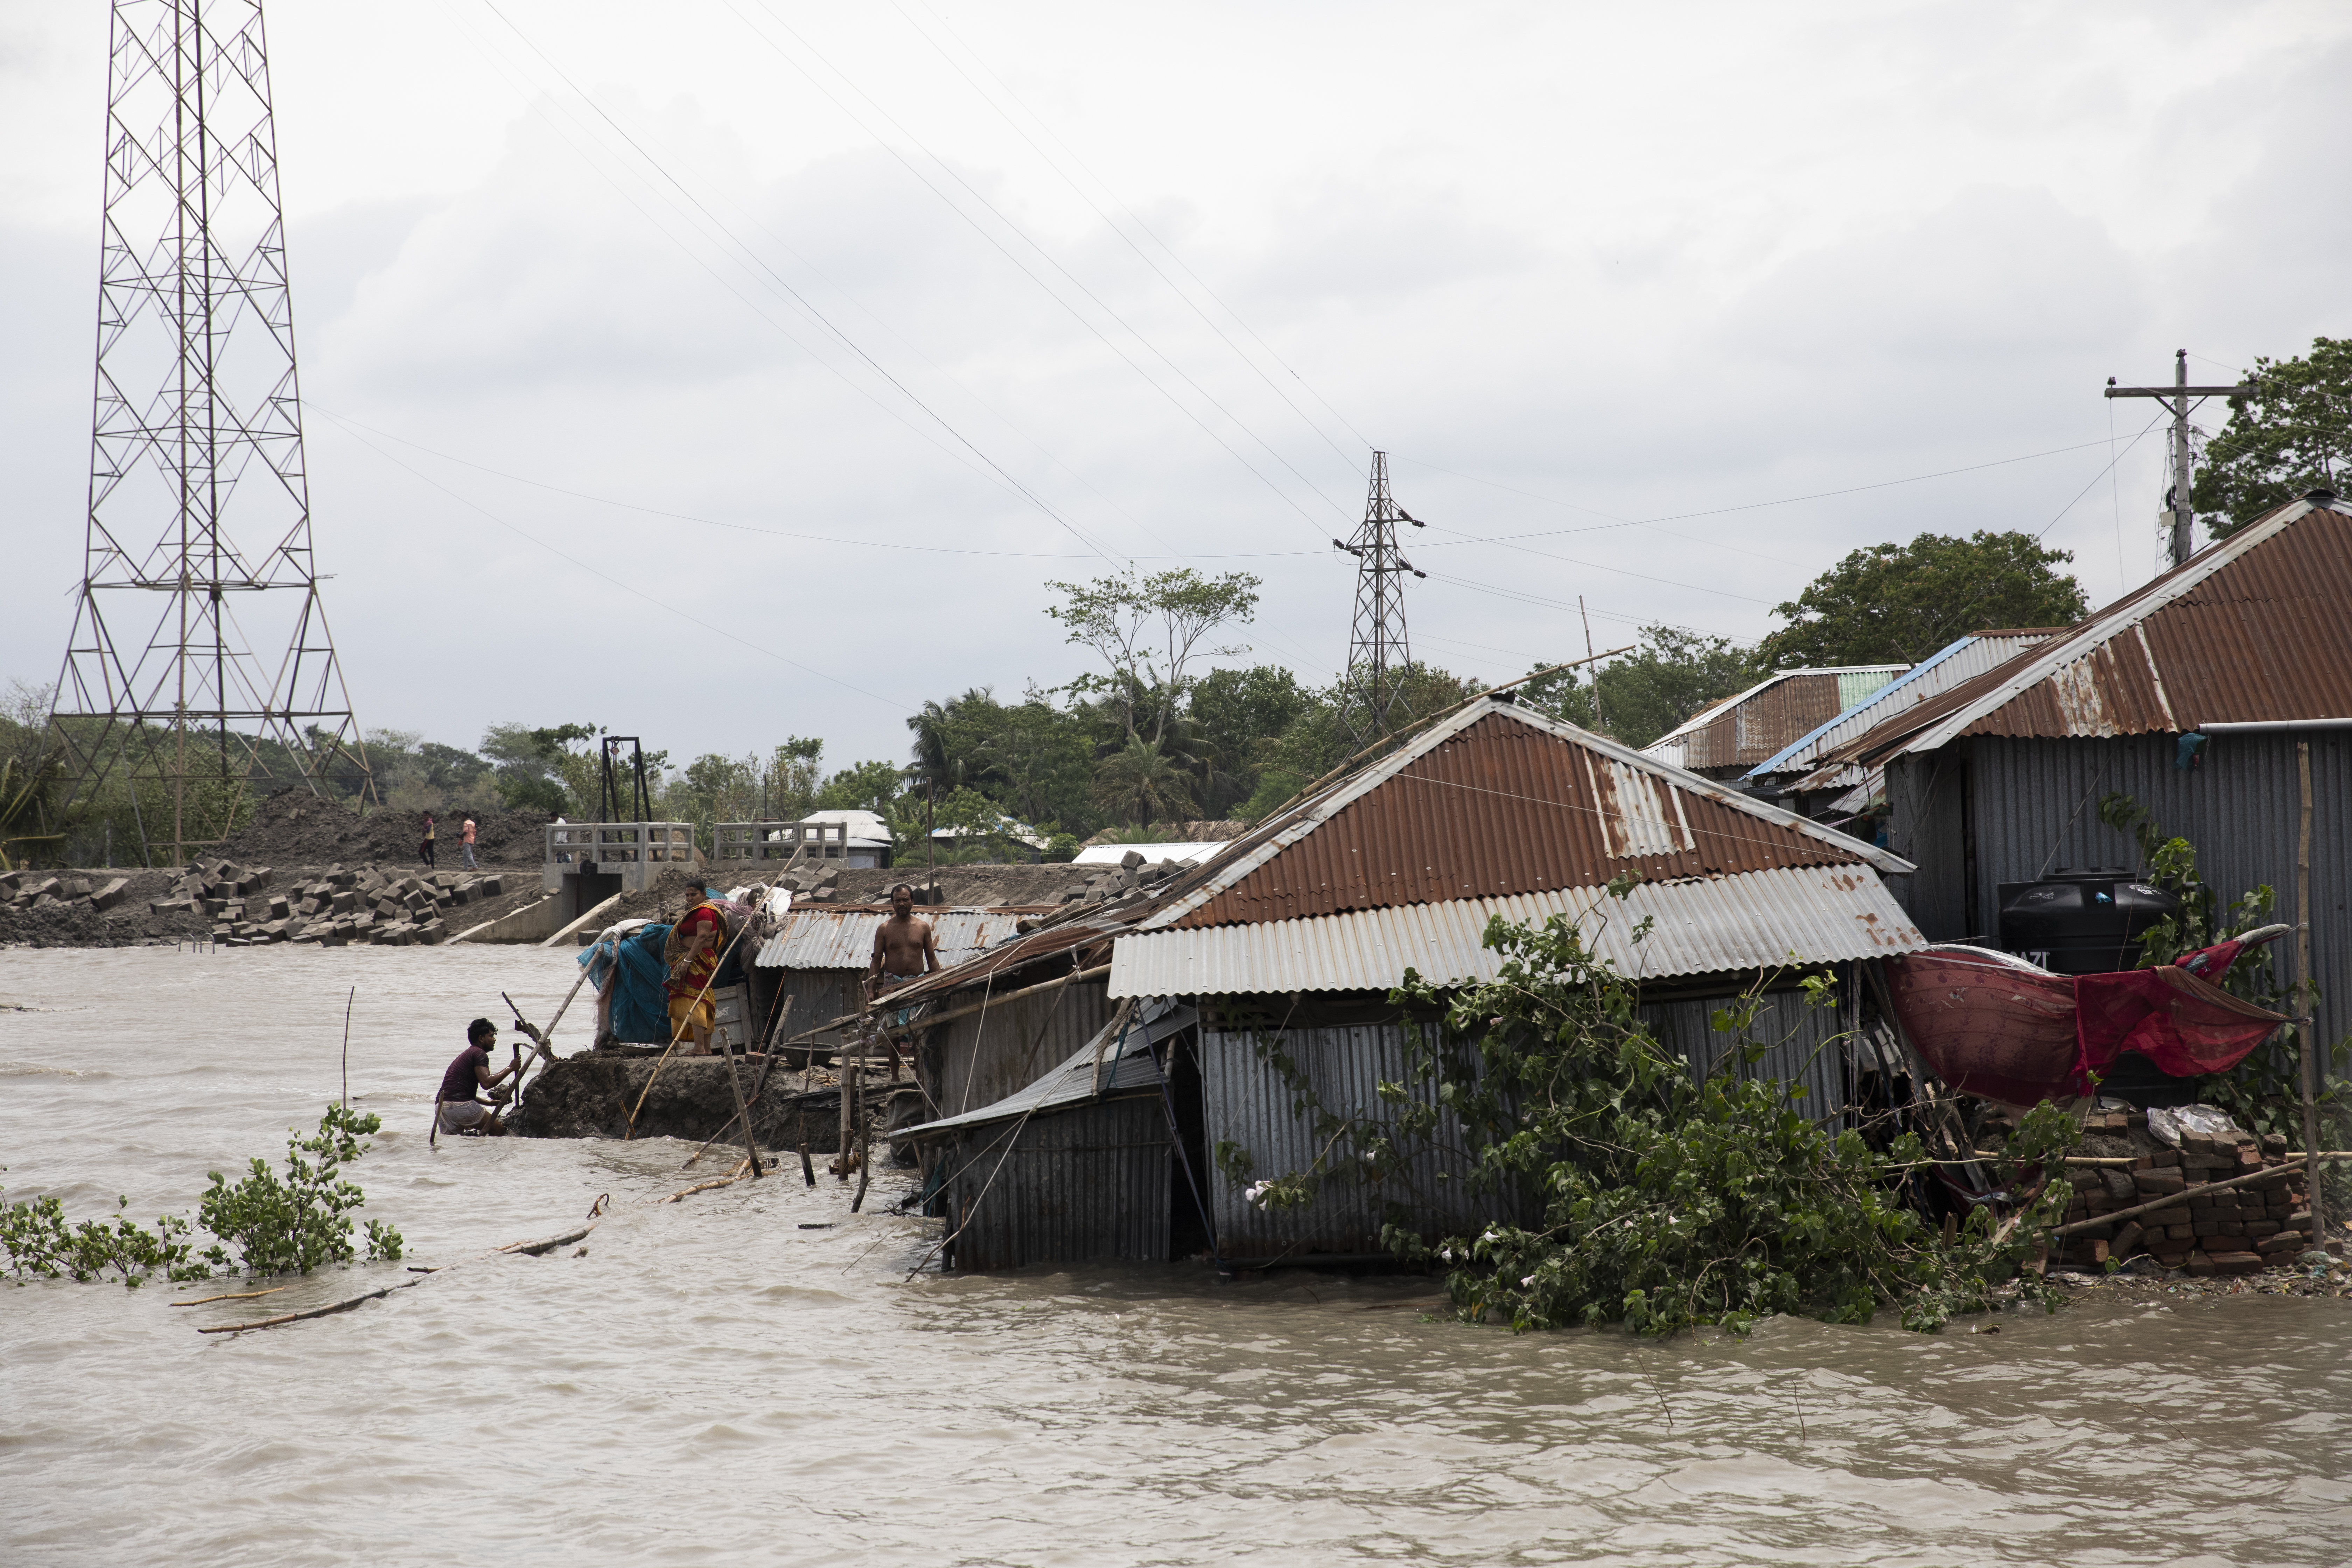 Több mint ezer házat pusztított el a ciklon Bangladesben, de a súlyos katasztrófát sikerült elkerülni